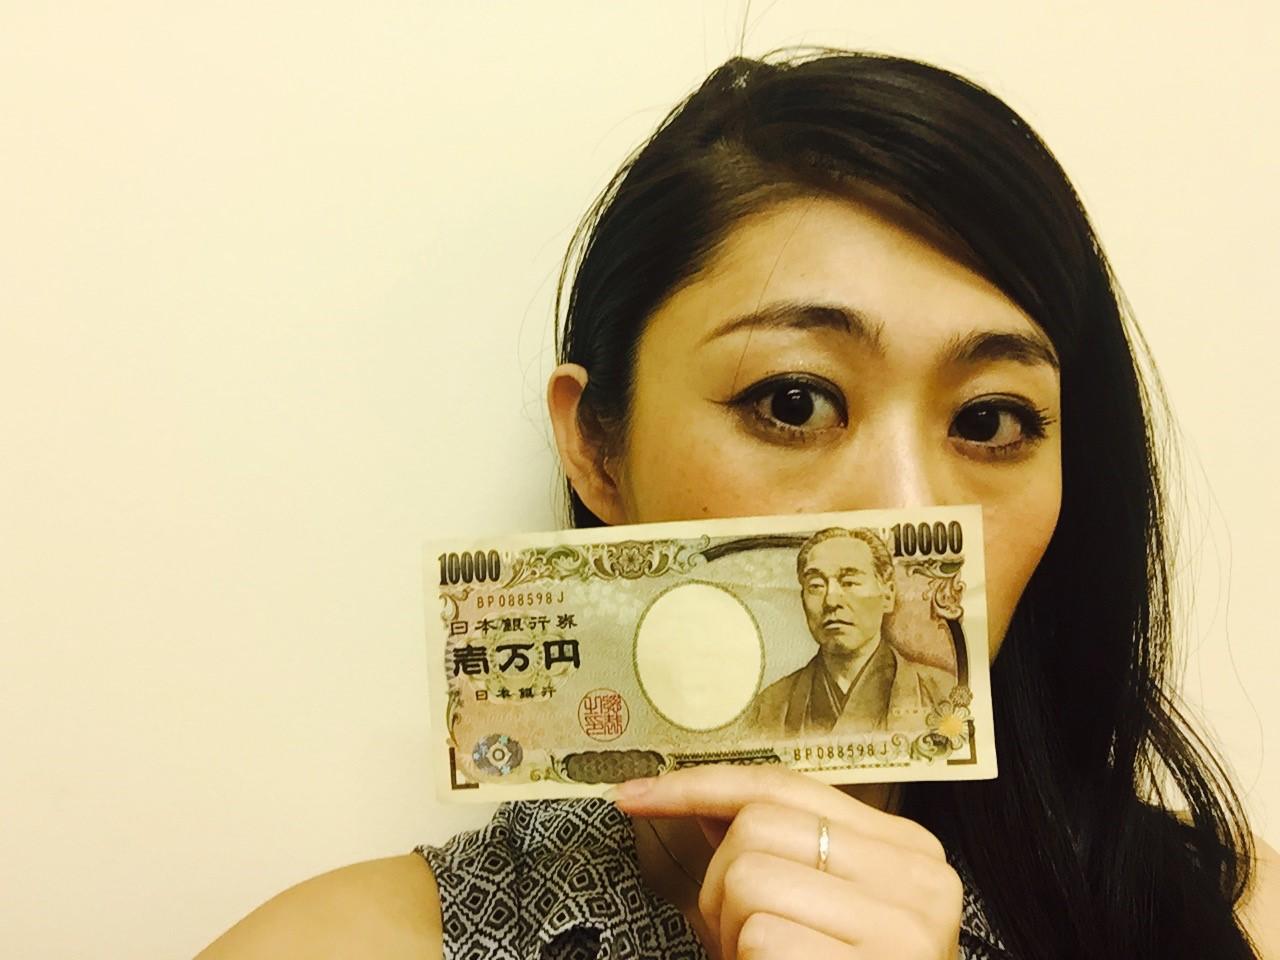 留学するデメリット1、お金